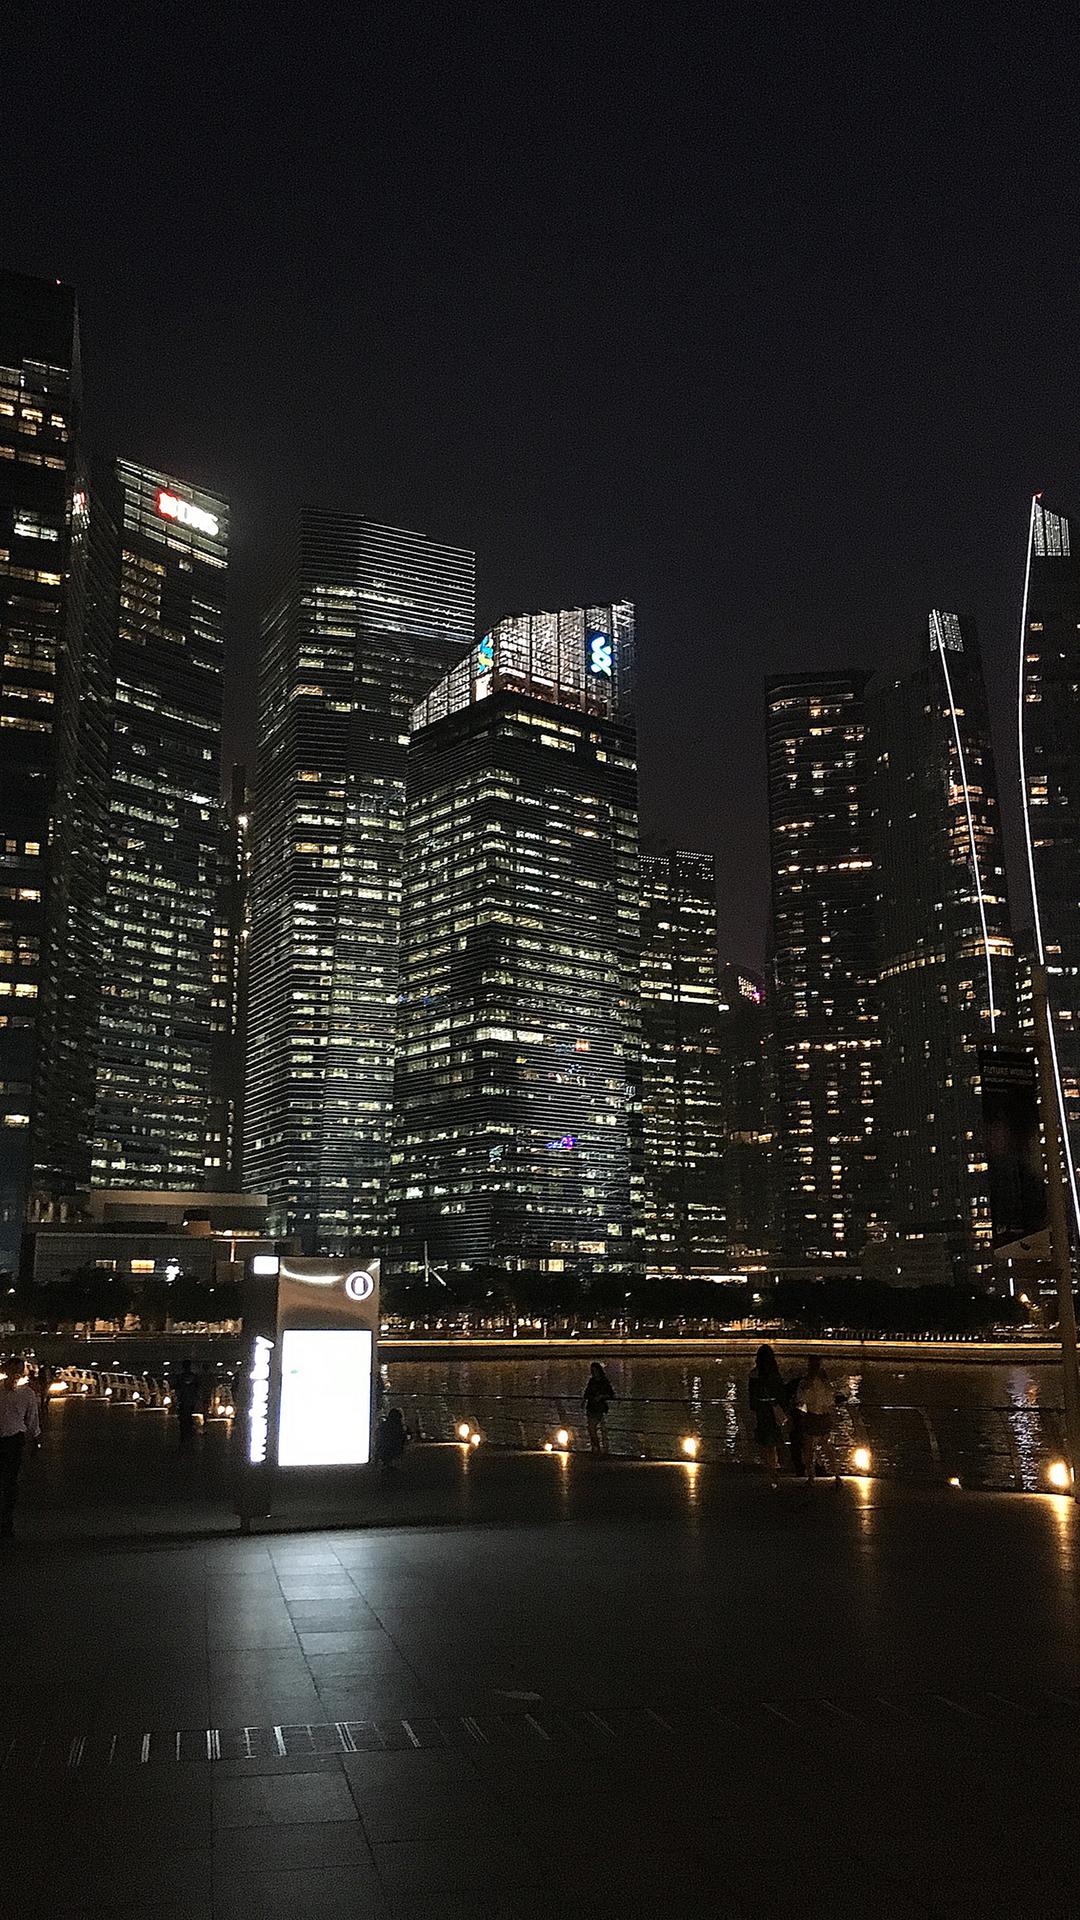 Singapore@night 1080x1920